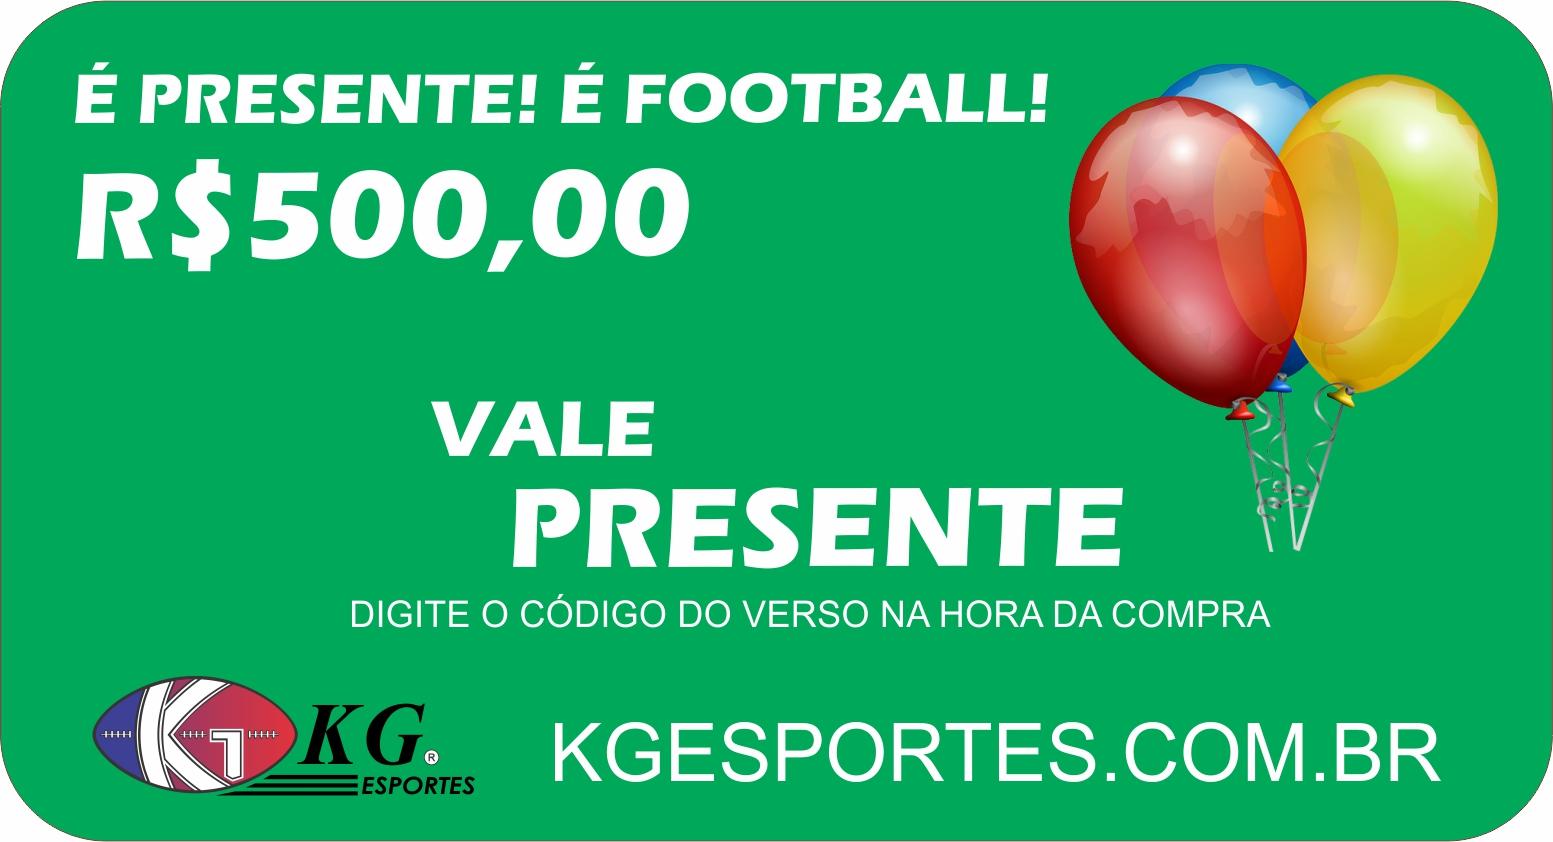 Vale-presente KG Esportes (R$ 500,00)